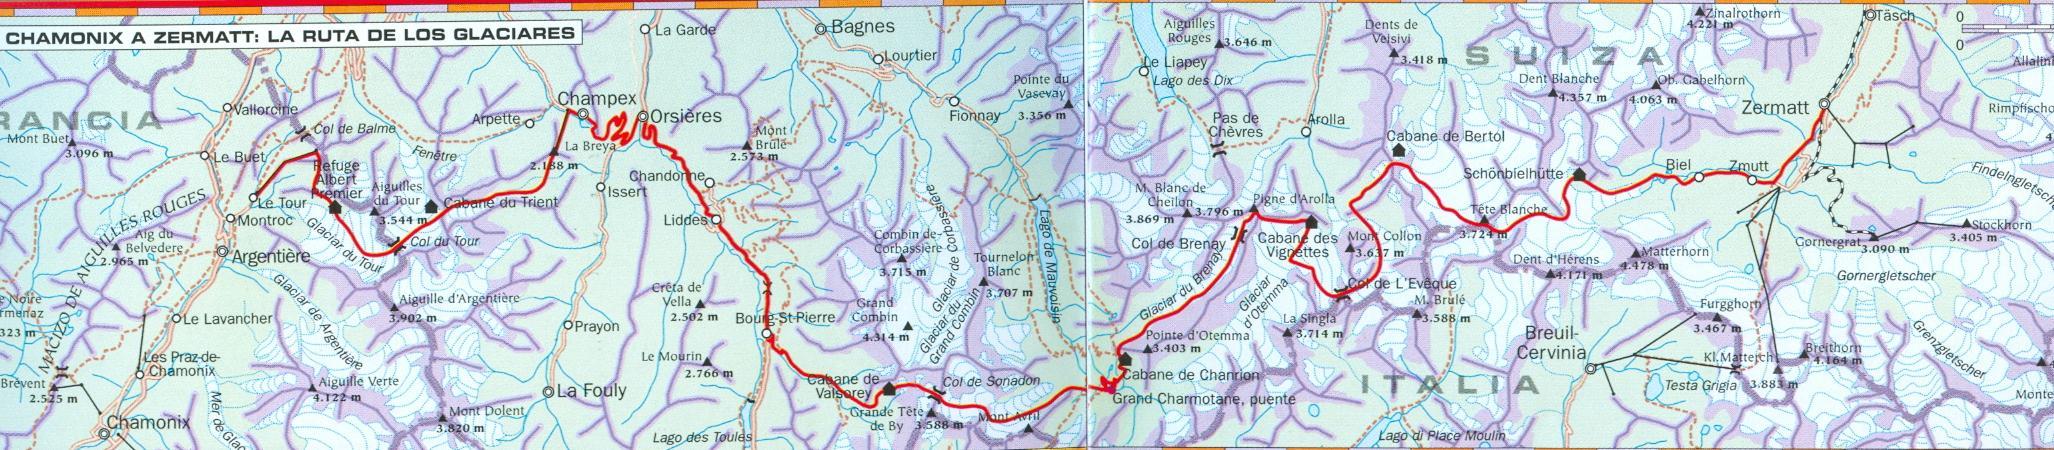 Iker karrera haute route chamonix zermatt new skyrunning for Haute route chamonix zermatt